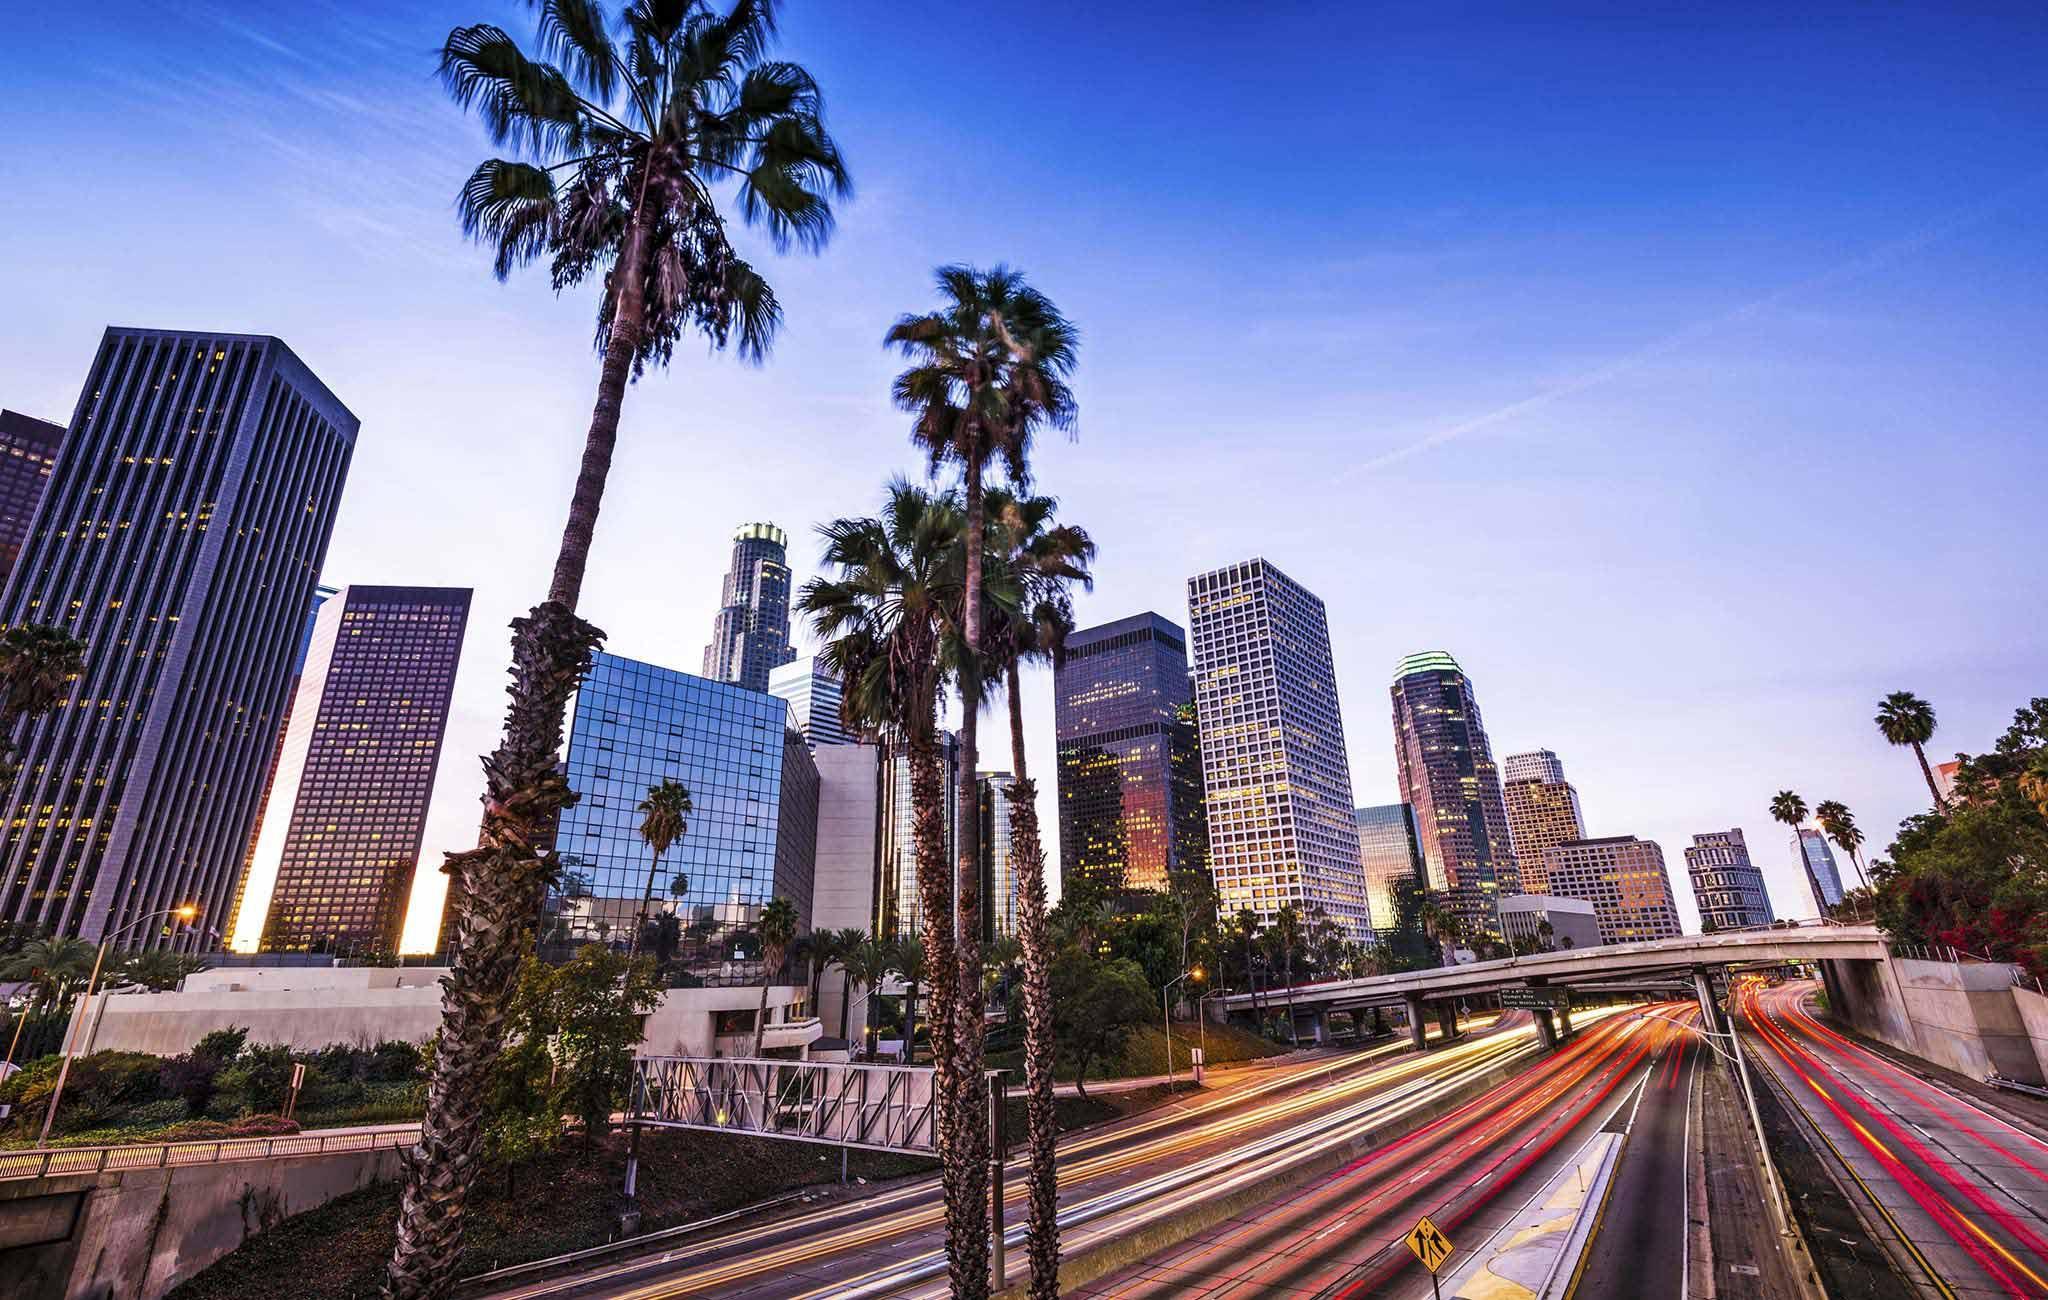 افضل 4 شقق للايجار في لوس انجلوس